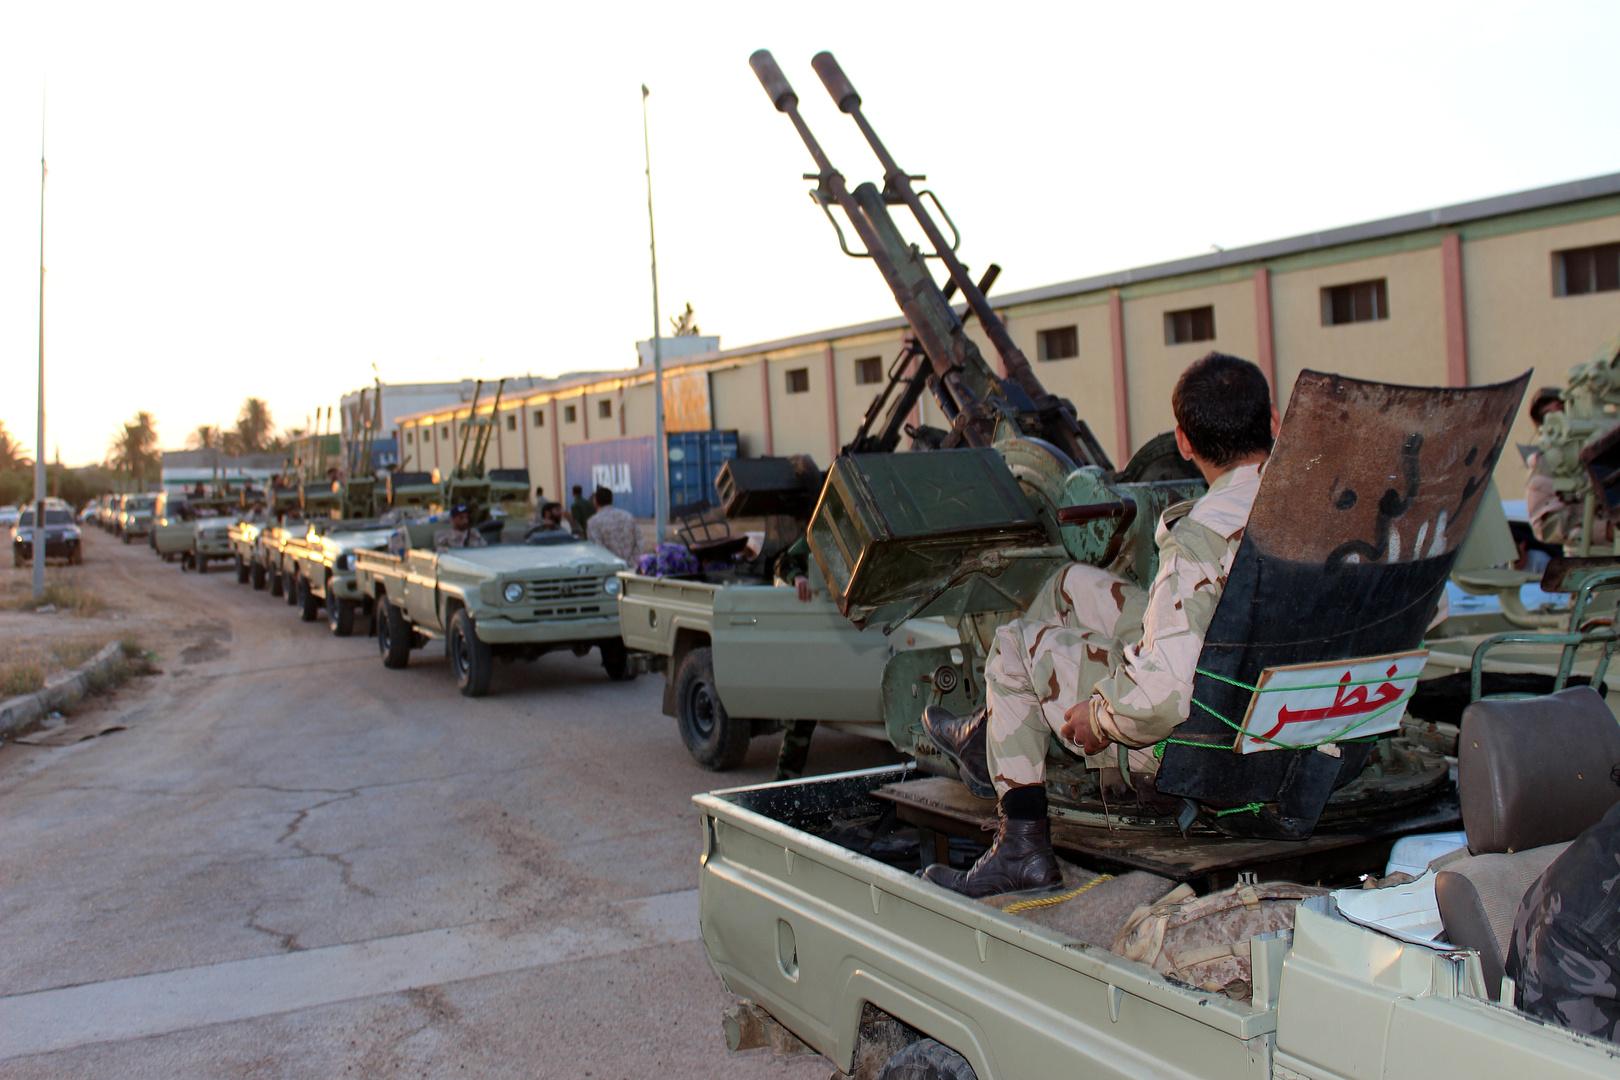 قوات حكومة الوفاق الليبية تعلن العثور على جثث 48 مقاتلا من جيش حفتر بعد معارك جنوب طرابلس